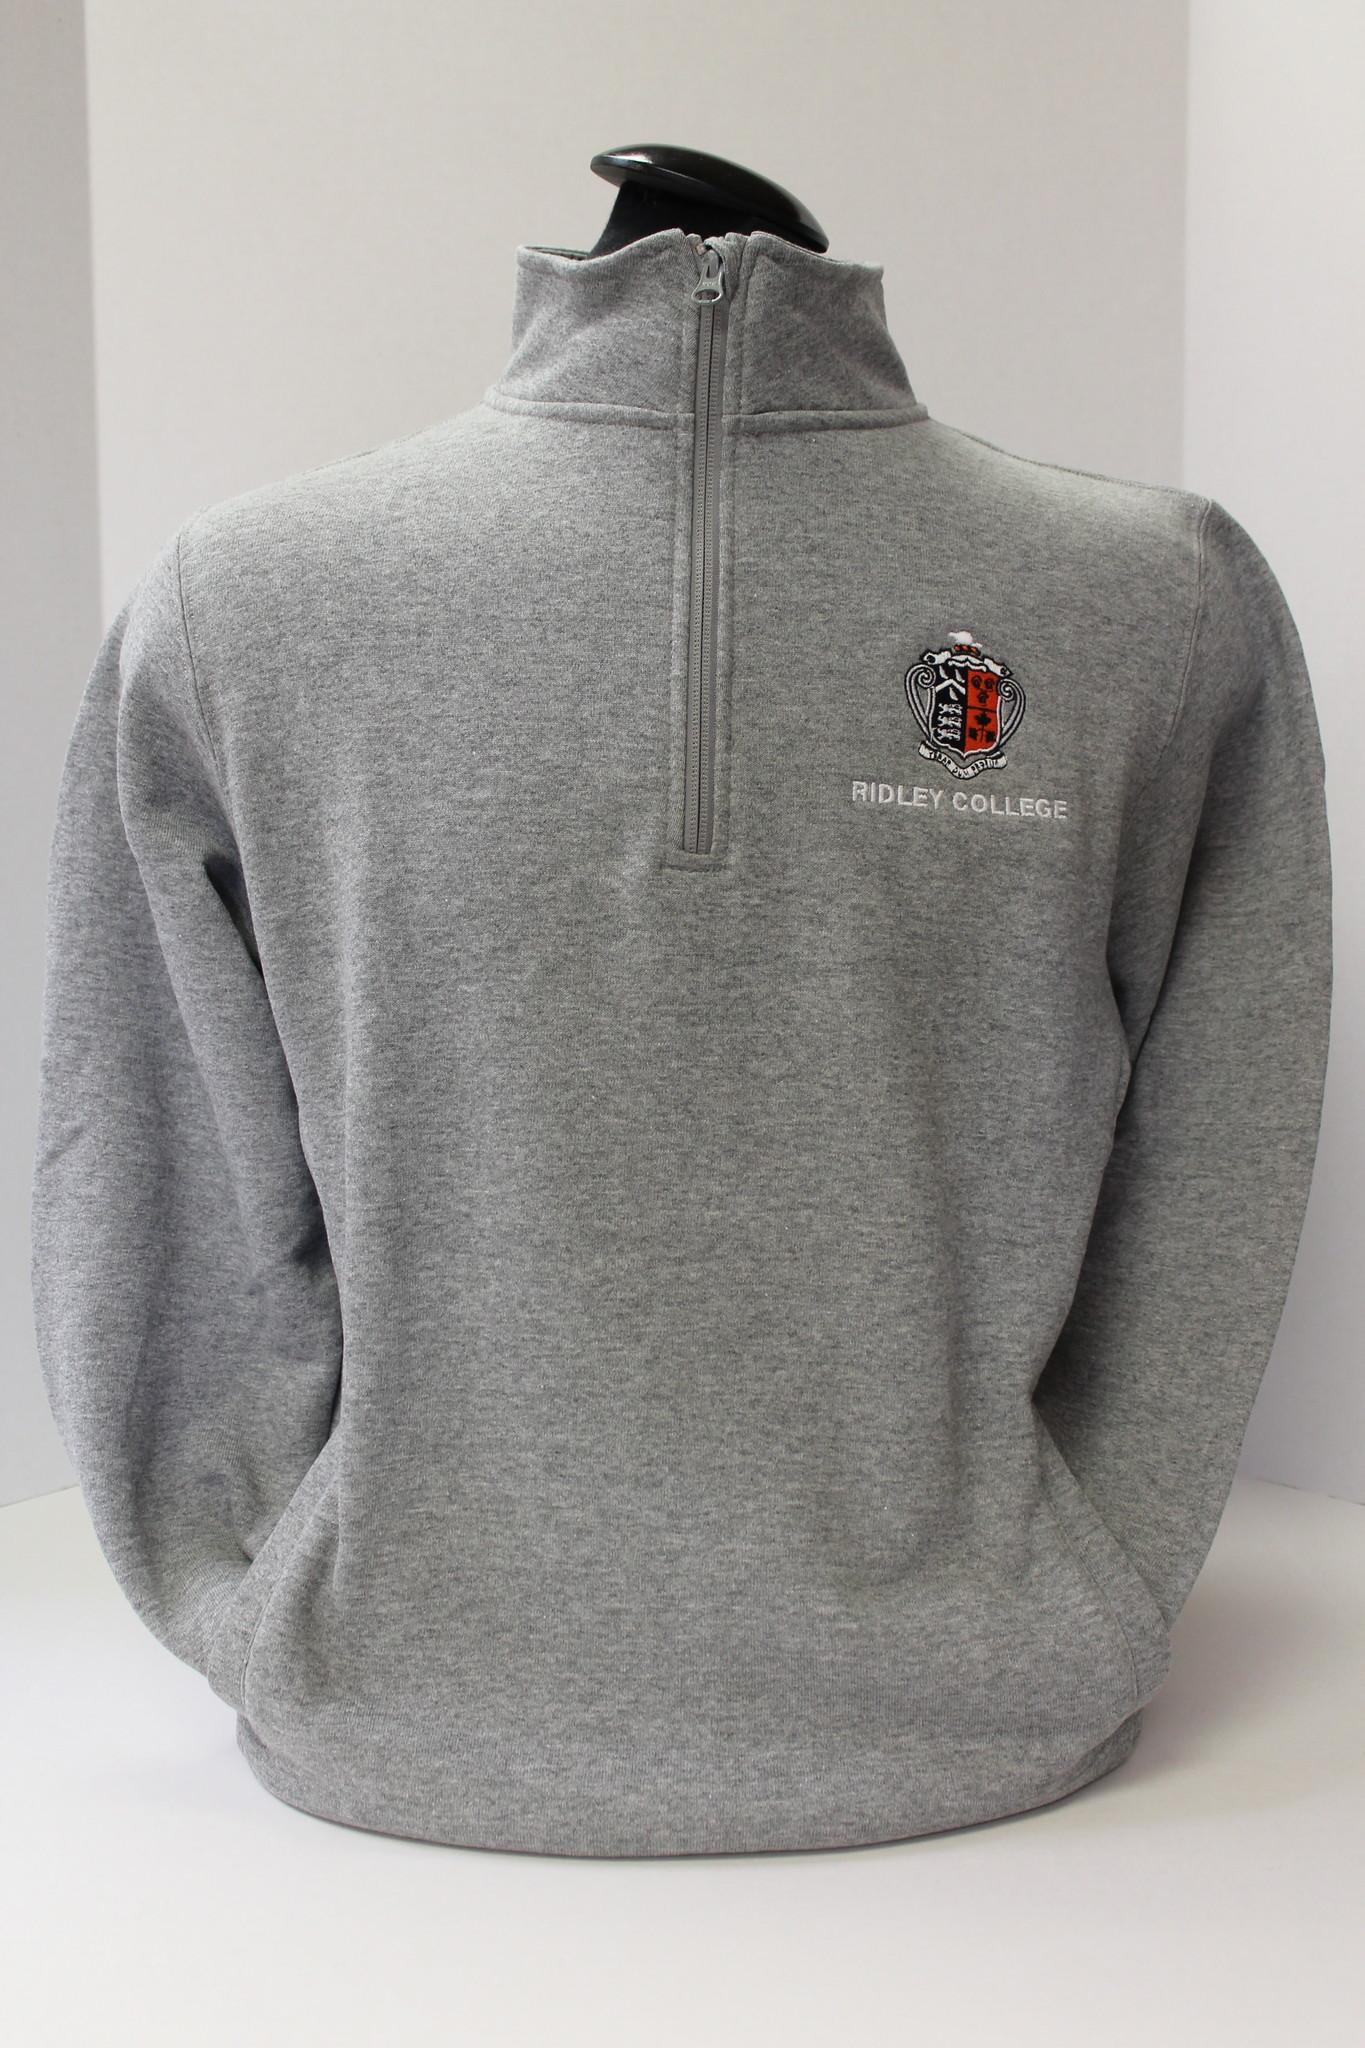 1/4 Zip Sweatshirt With Crest